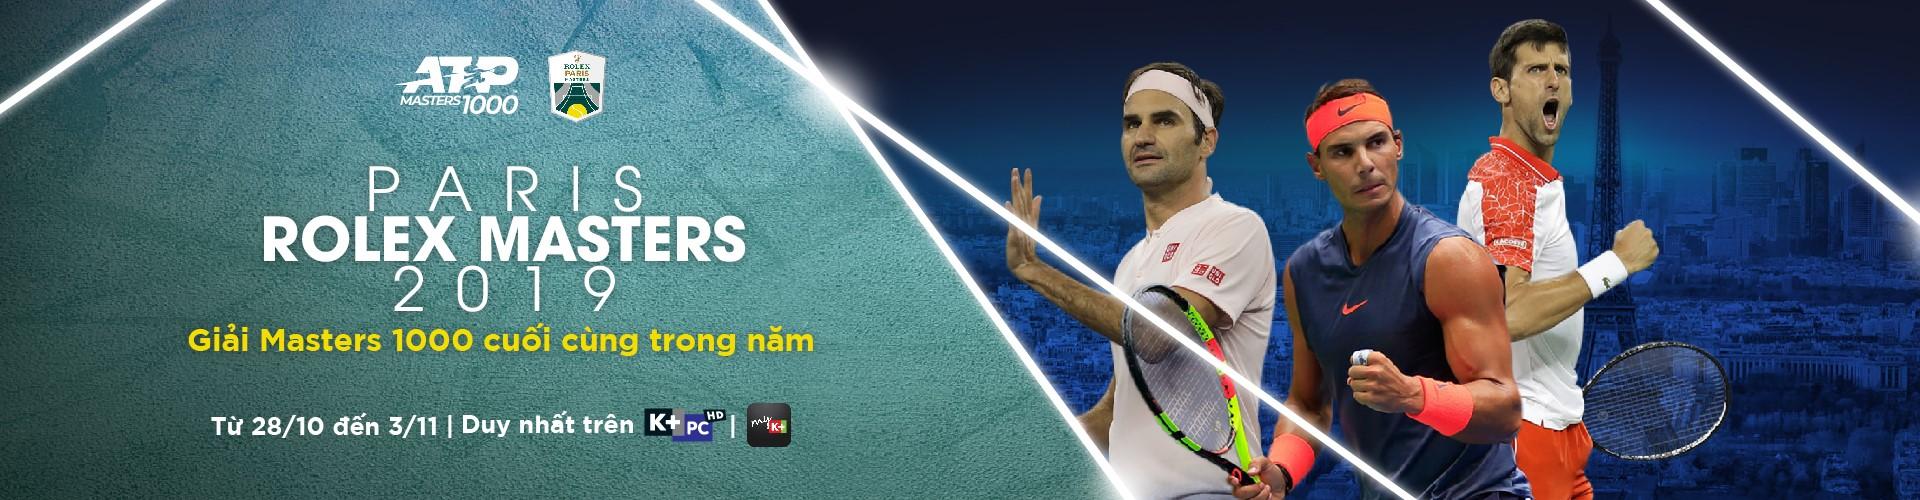 Giải đấu ATP 1000 Rolex Paris Master